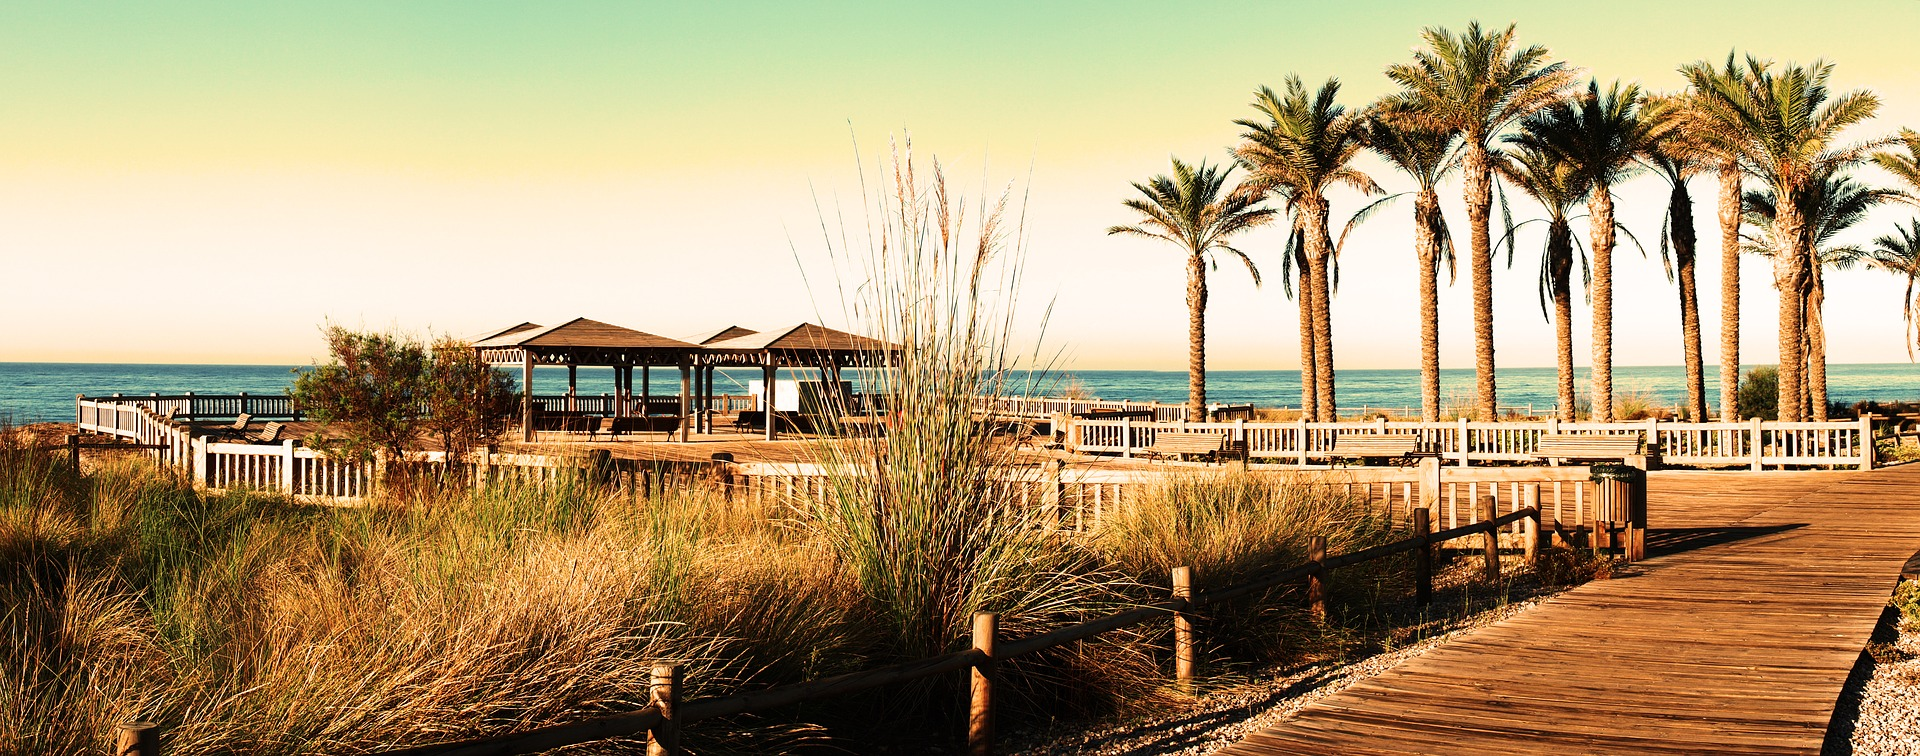 Costa del Sol - Reise nach Malaga ab 33,98€ Flug & Hotel